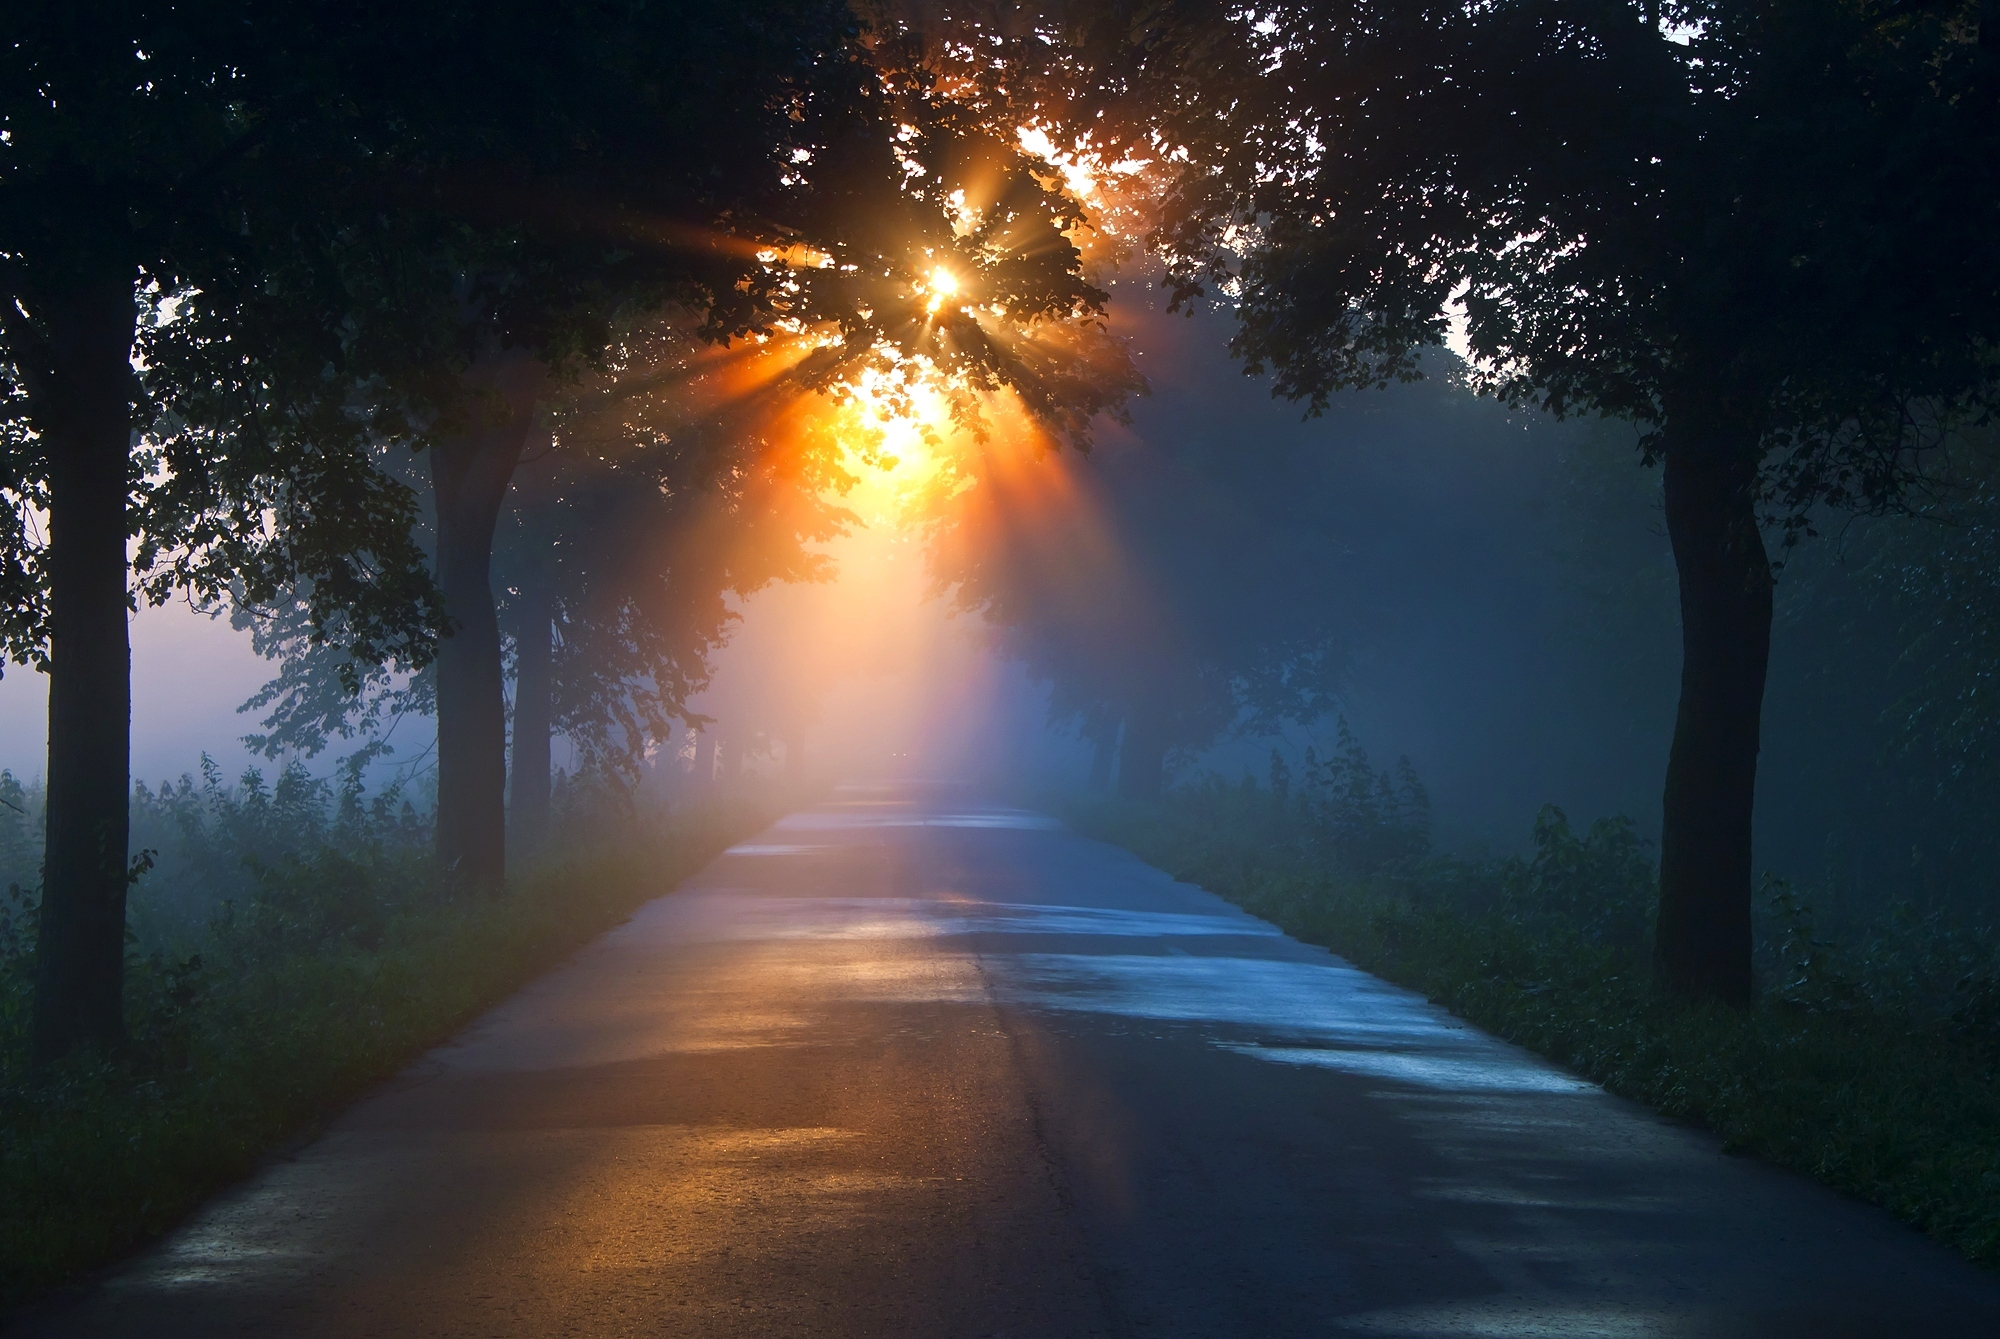 свет для фотографии вечером любую фотографию